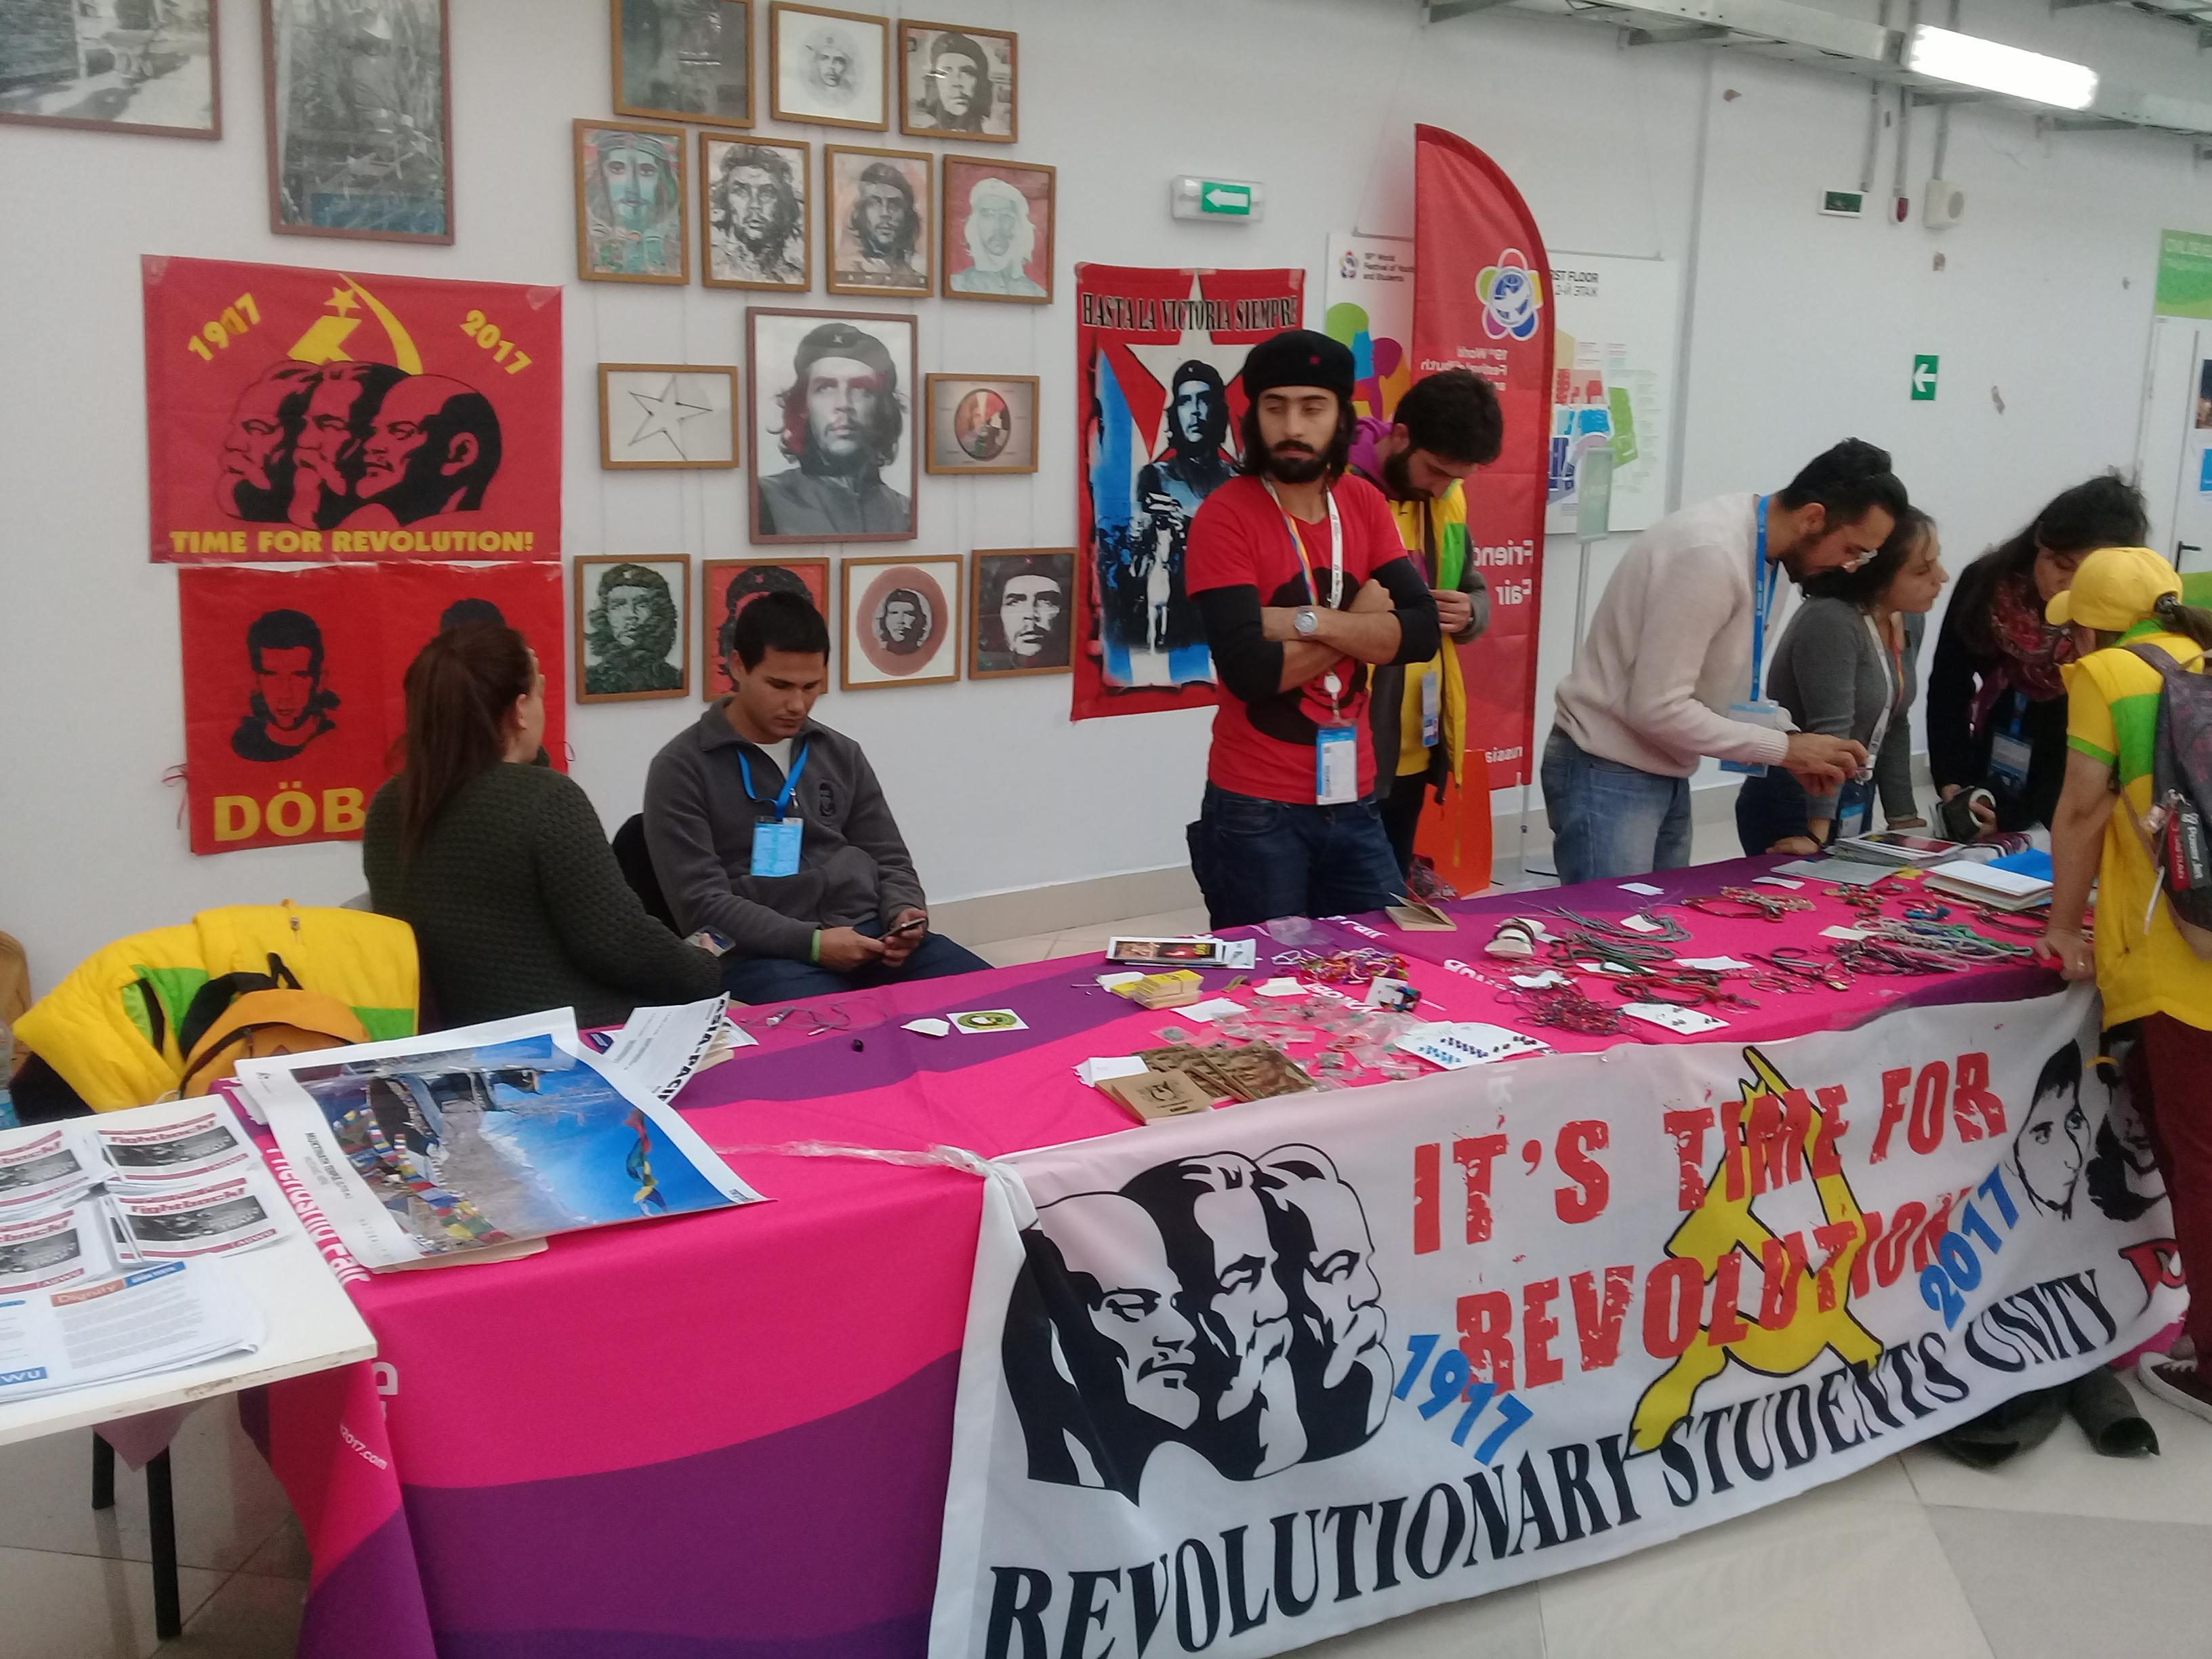 Itt az ideje a forradalomnak - hirdeti a kubai stand